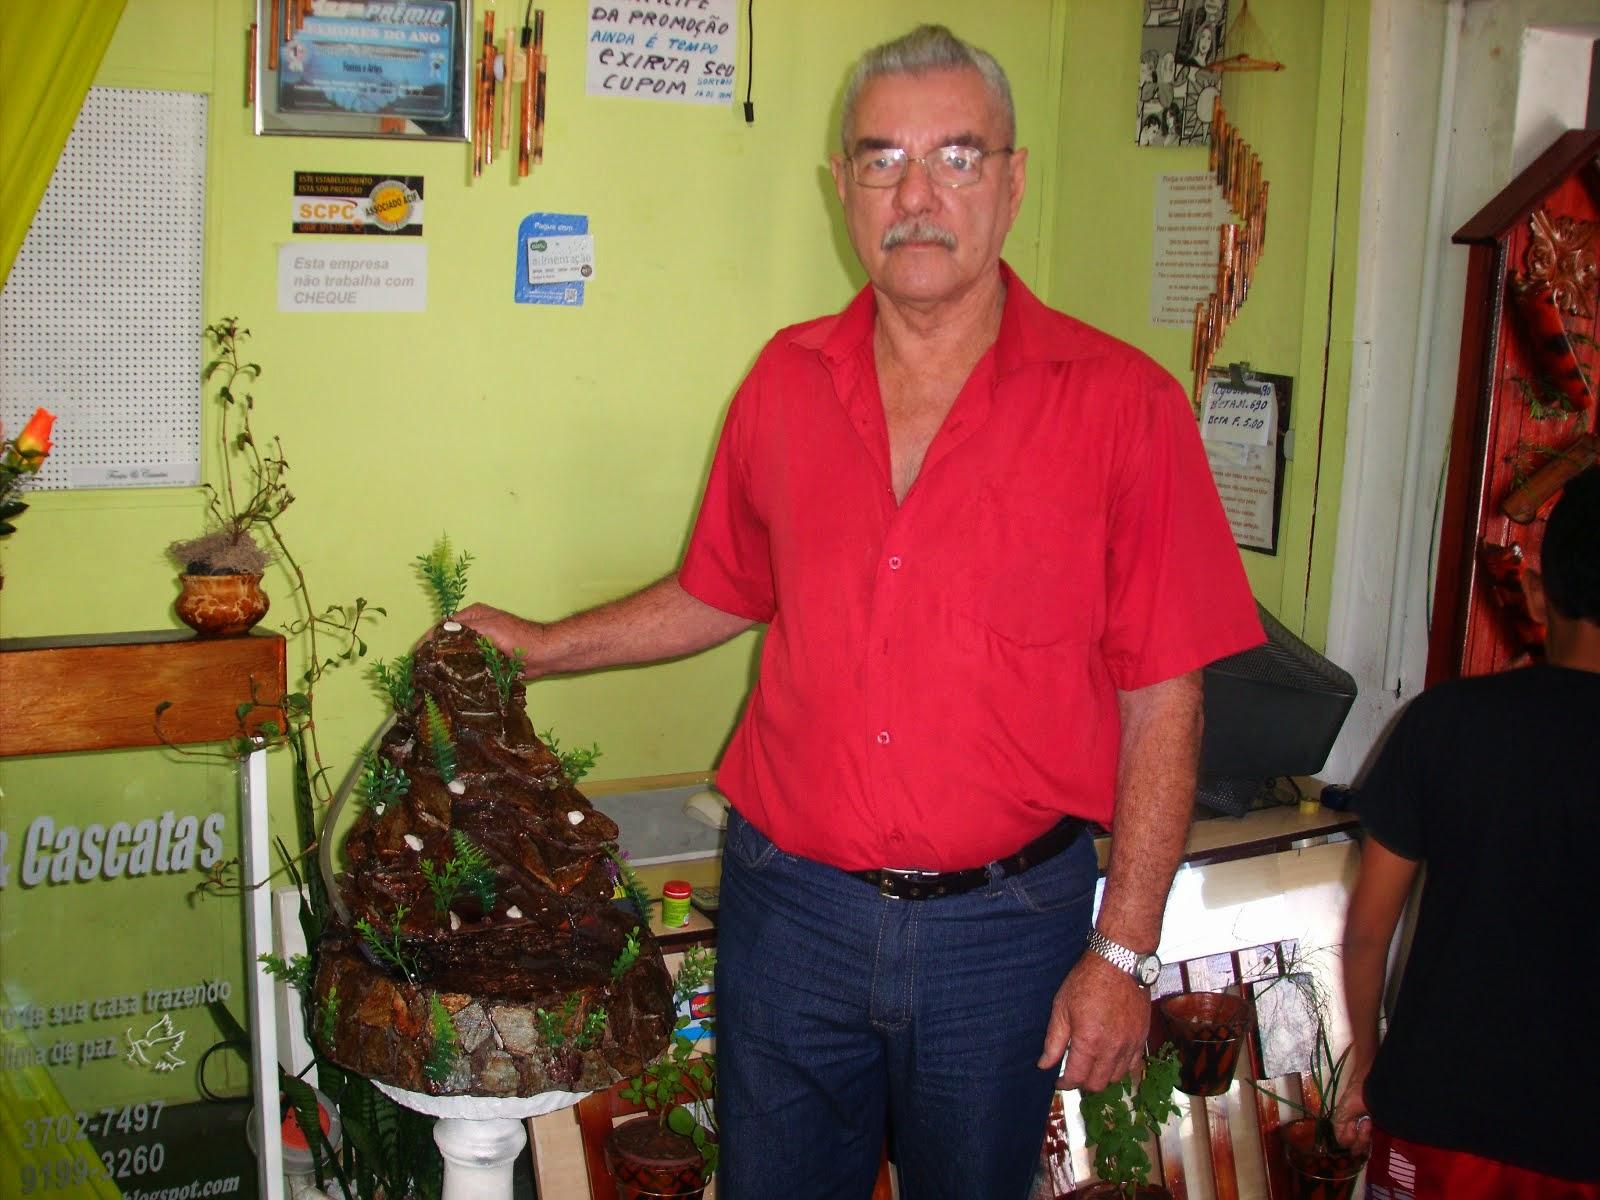 Ganhador do sorteio de uma cascata realizado no dia 16 / 08 / 2014